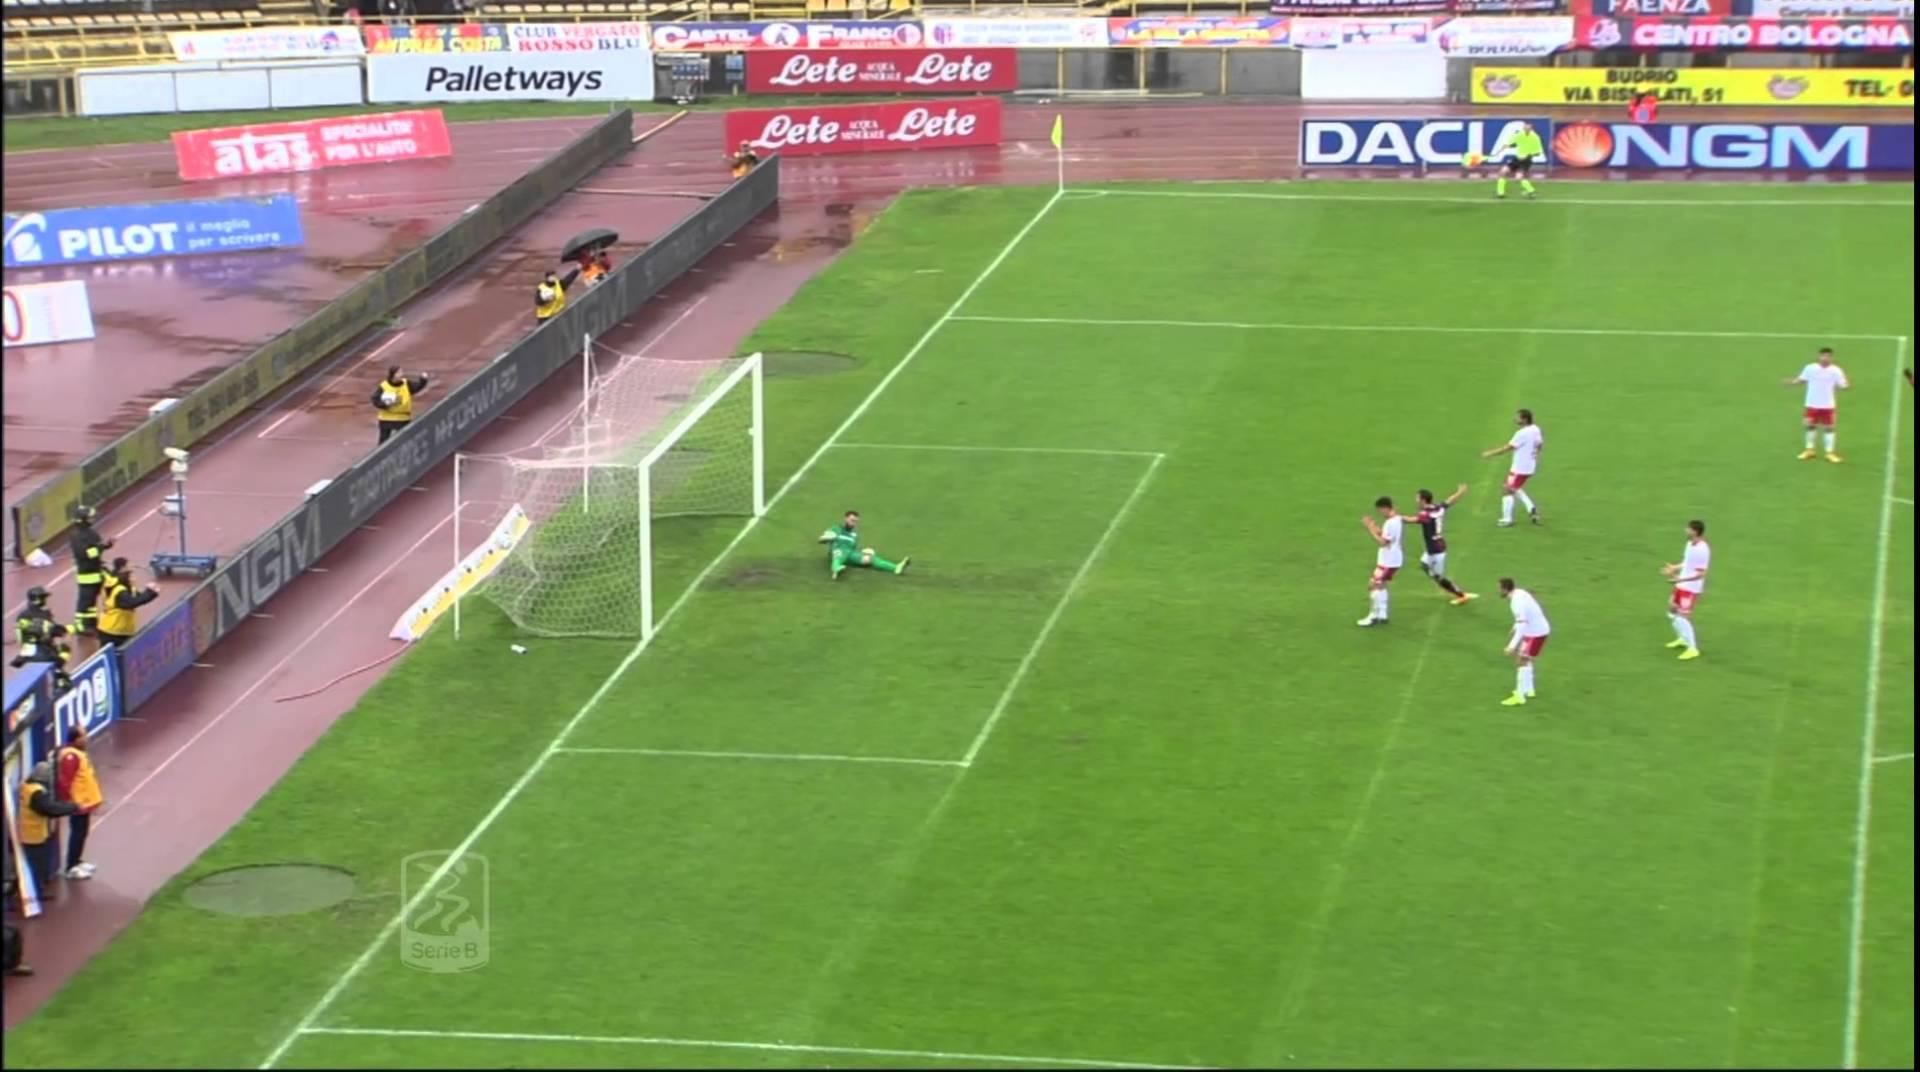 All'andata, al Dall'Ara, il Bologna vinse 2-0